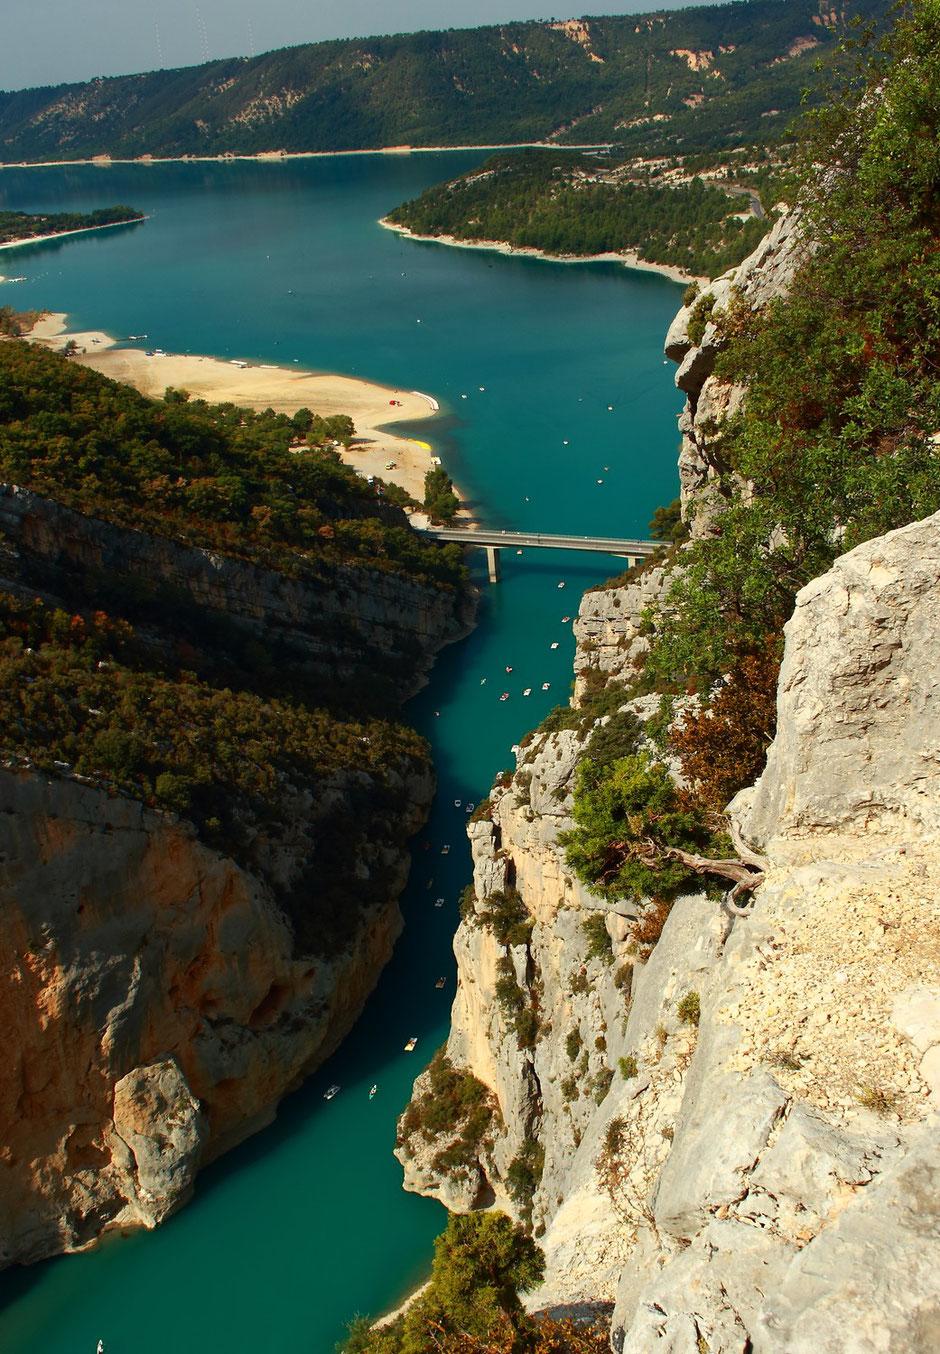 point de vue sur lac de St Croix et entrée des Gorges du Verdon, Week end nature et sport dans le VERDON (FRANCE) www.missaventure.com blog d'aventures nature et photos